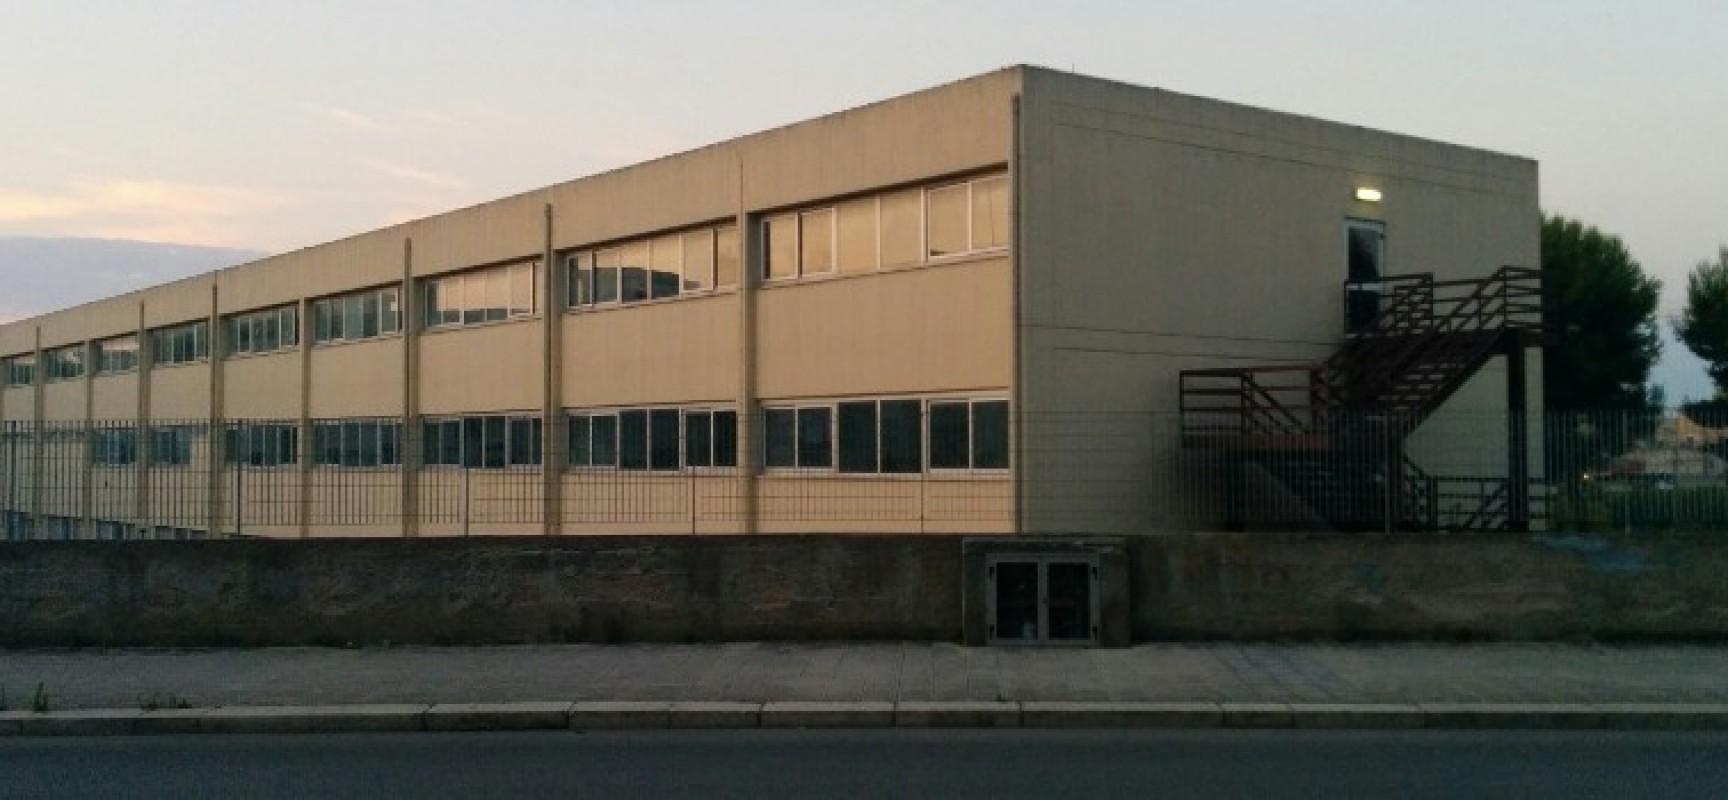 Vandali devastano aula della scuola primaria di via Carrara Reddito